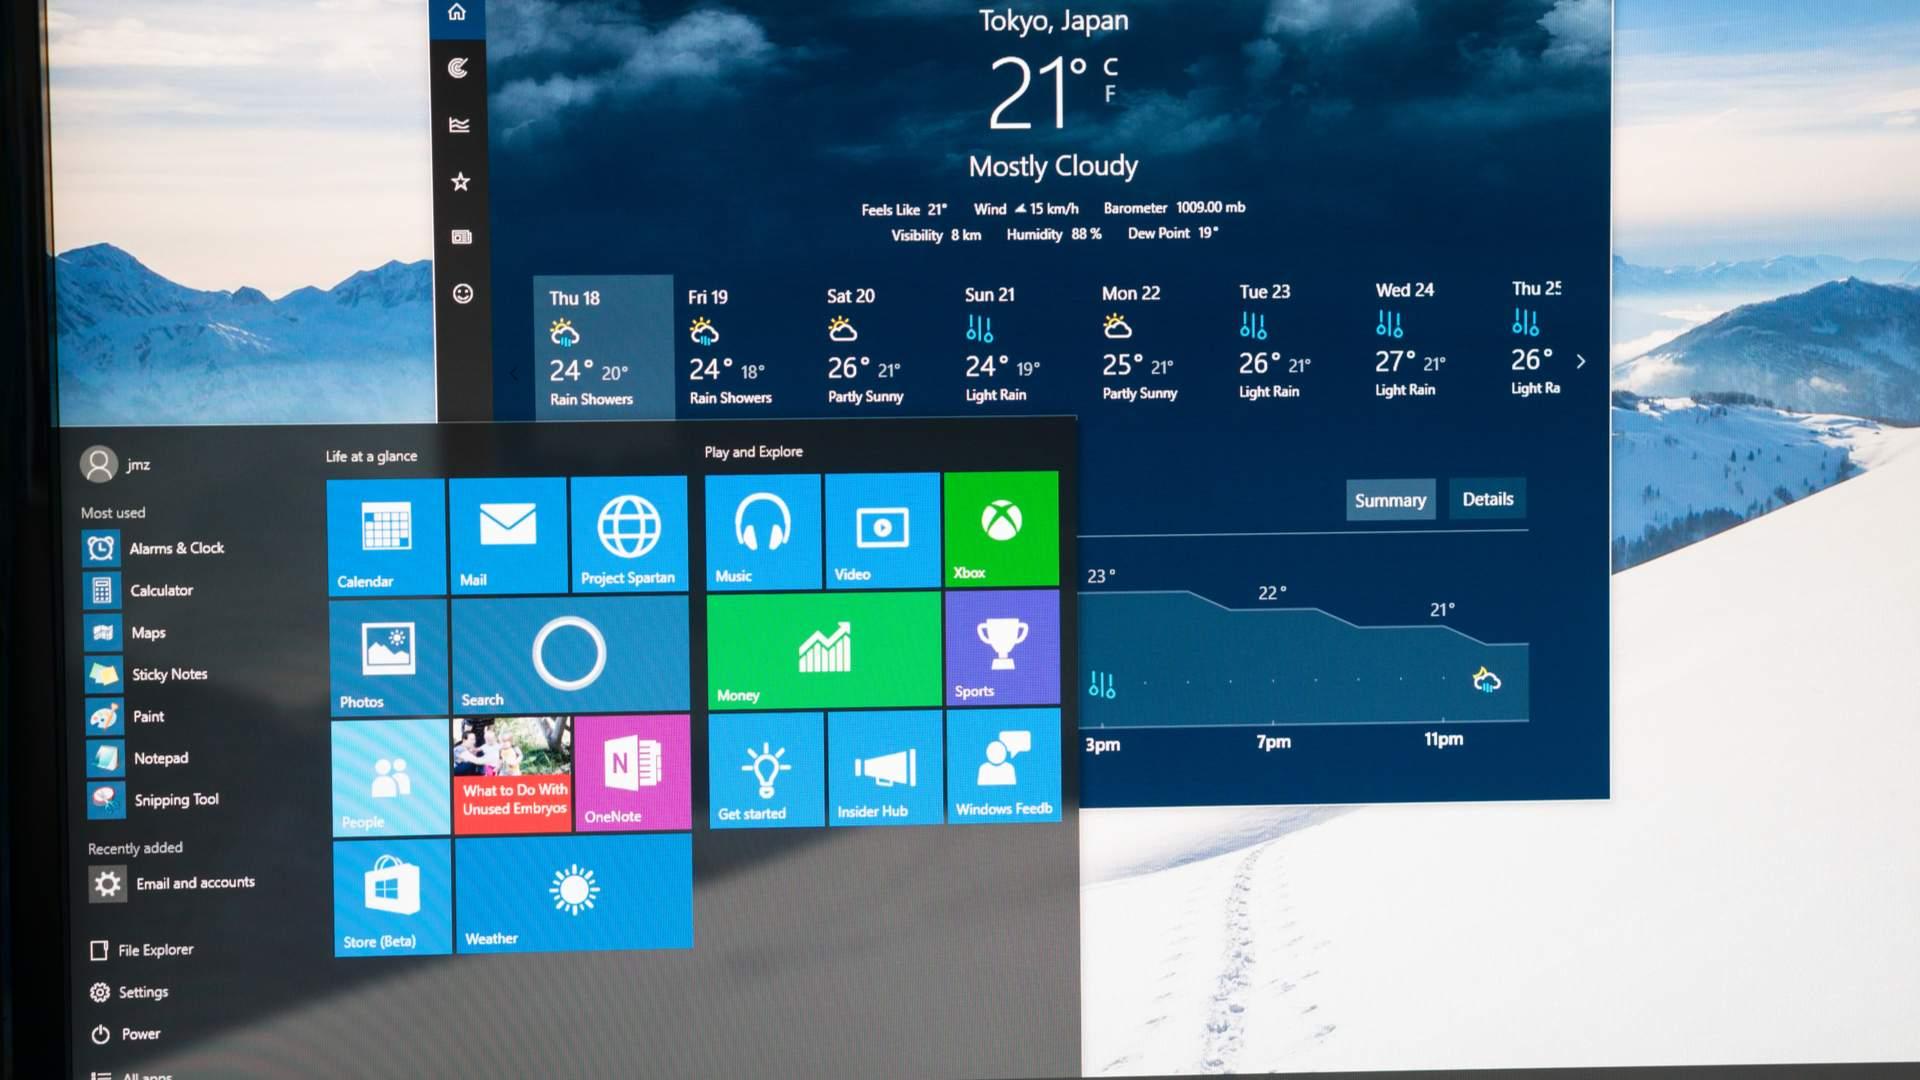 O sistema operacional Windows é o mais comum entre os usuários (Fonte: omihay / Shutterstock.com)